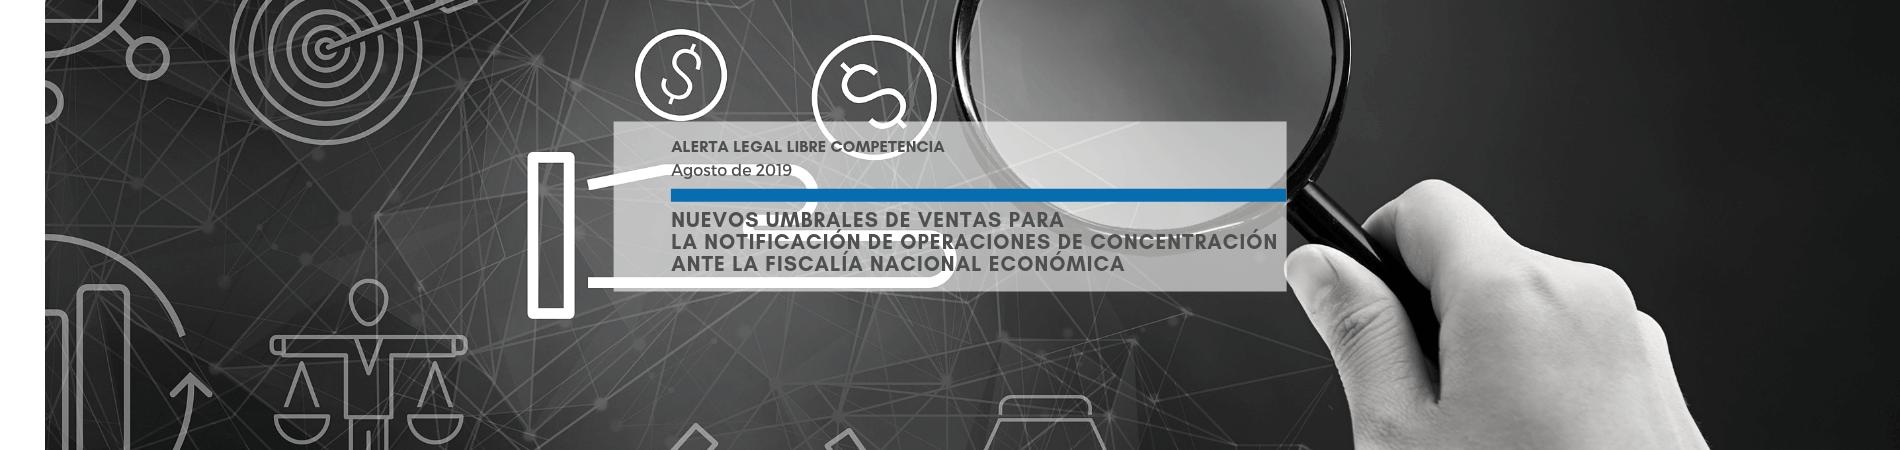 Alerta Legal Libre Competencia | Nuevos umbrales de ventas para la notificación de operaciones de concentración ante la FNE